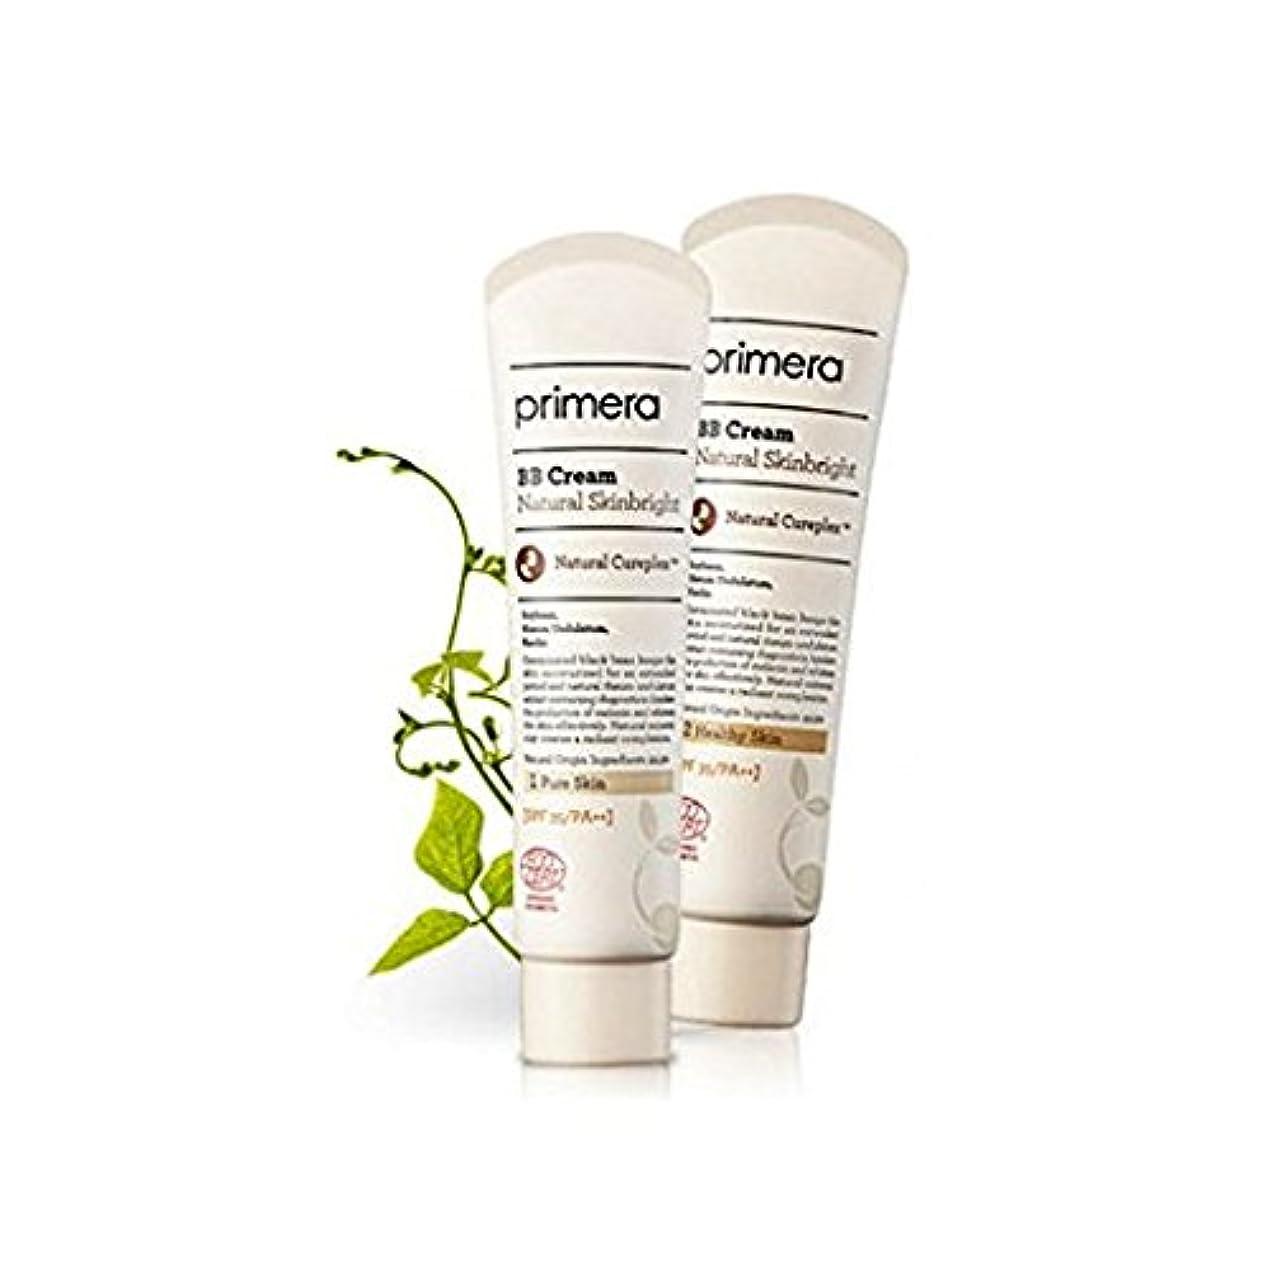 刈る反応するペレグリネーションPrimera(プリメラ) ナチュラル スキン ブライト BBクリーム 30ml(Healthy Skin) /Primera Natural Skin Bright BB Cream 30ml(Healthy Skin...